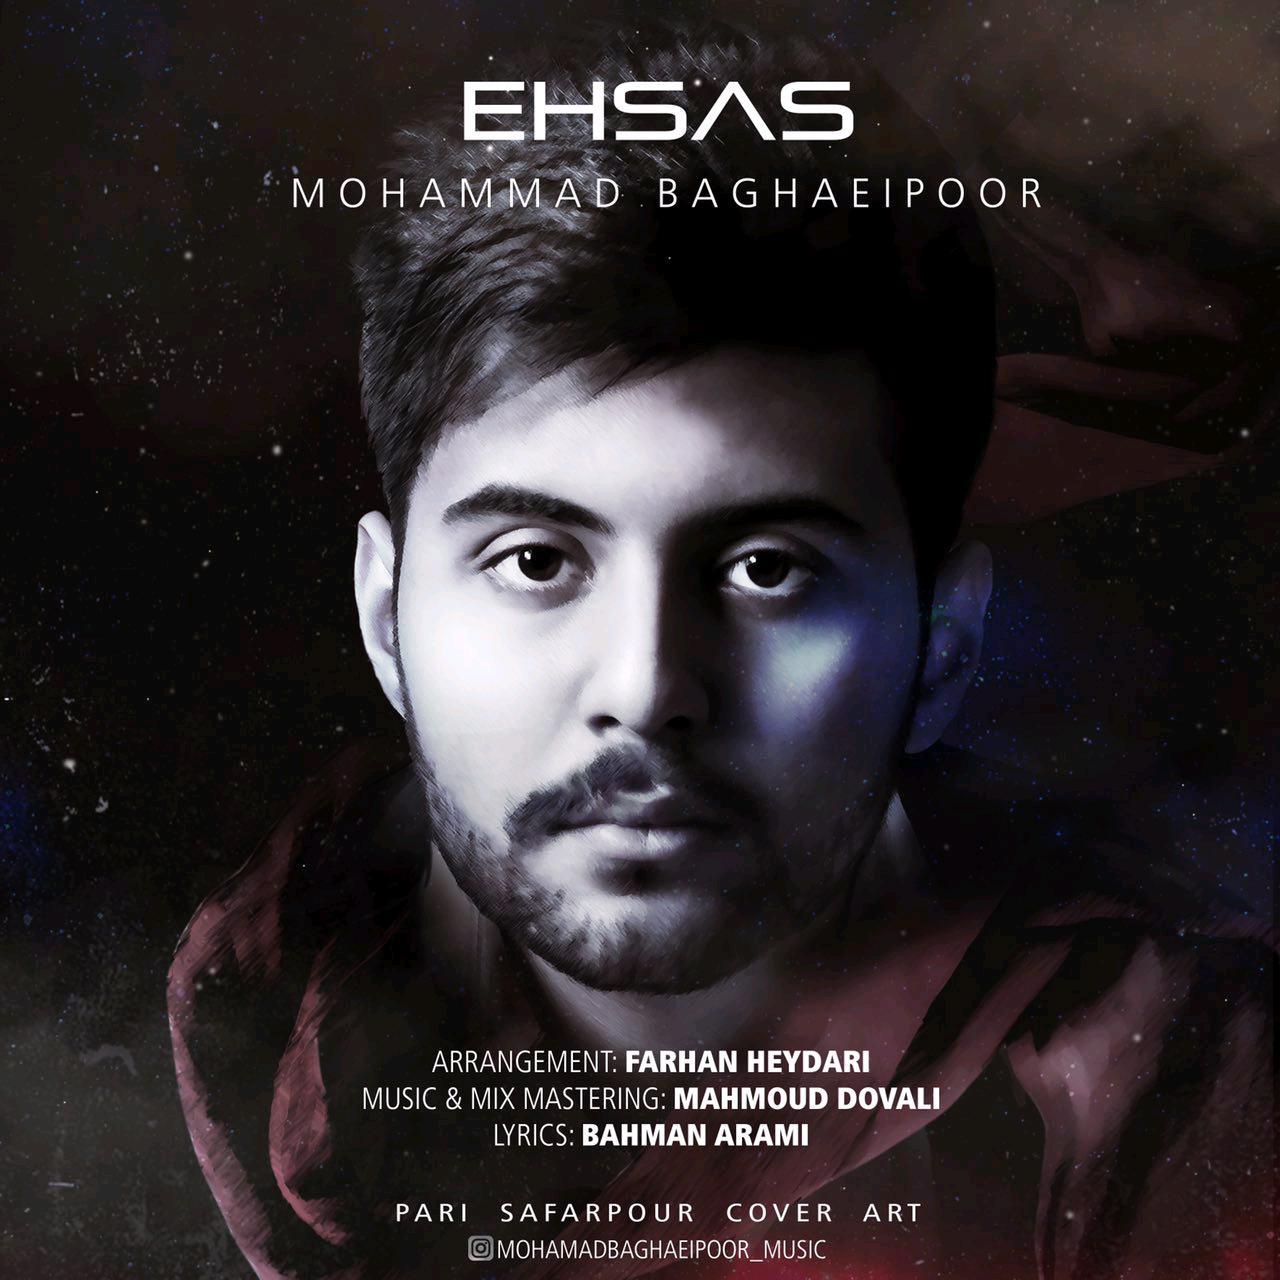 دانلود دو آهنگ جدید محمد بقایی پور بنام احساس و هق هق